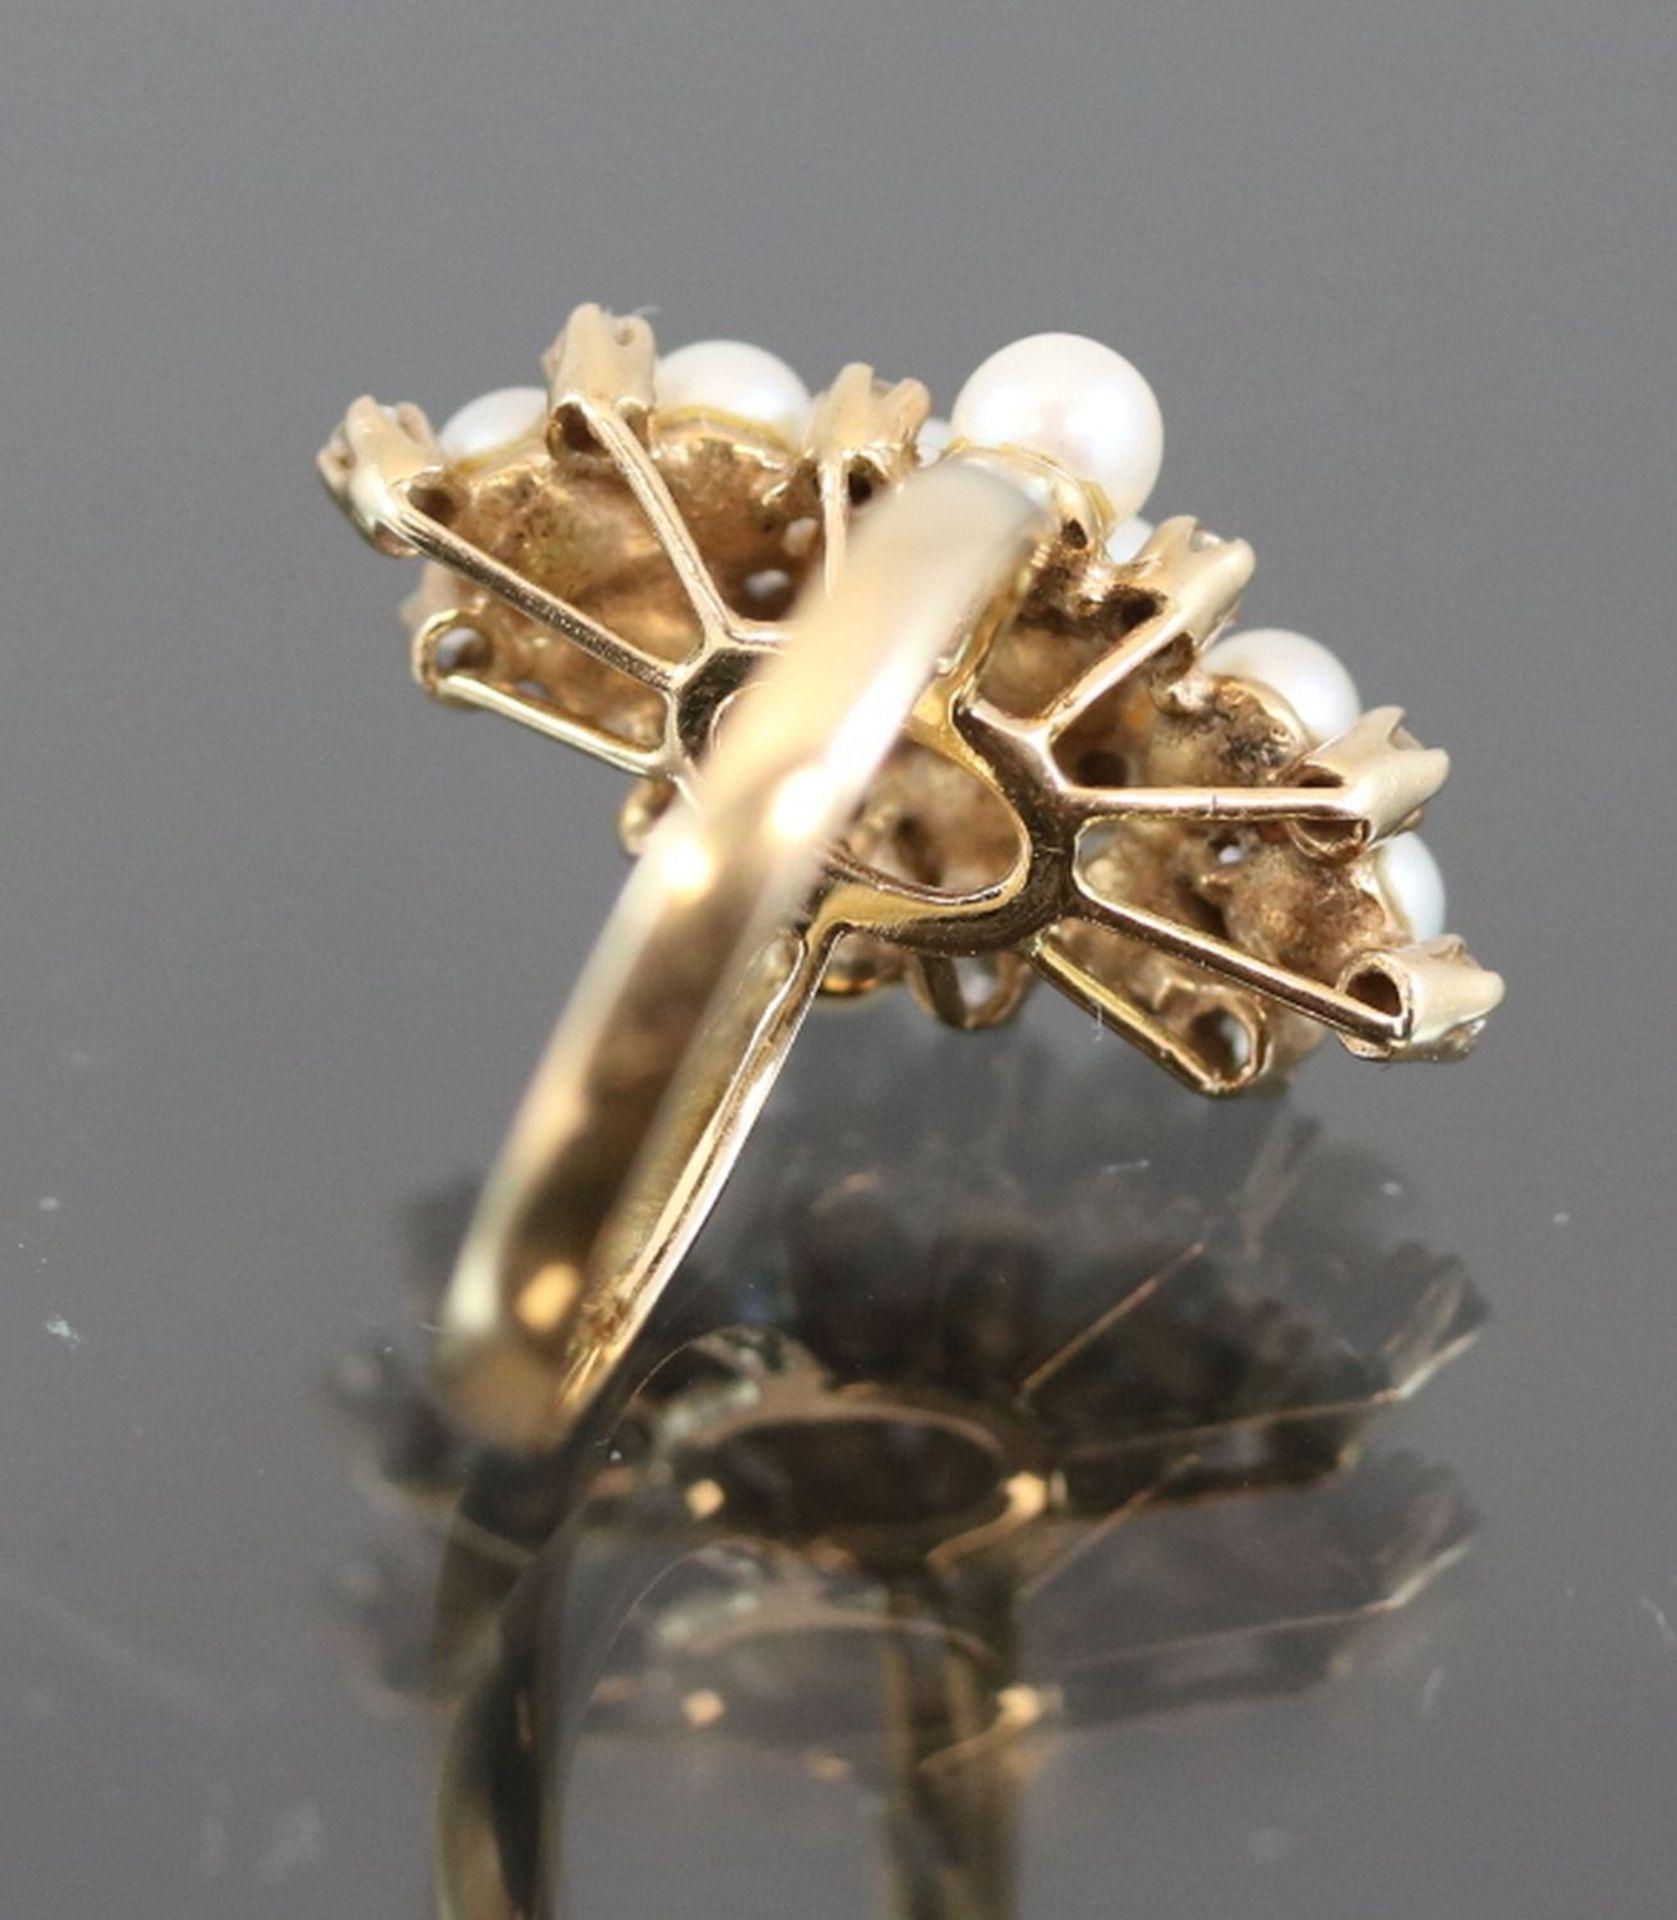 Los 60 - Perl-Diamant-Ring, 585 Gelbgold3,8 Gramm 14 Diamanten, 0,14 ct., w/p1. Ringgröße: 50Schätzpreis: